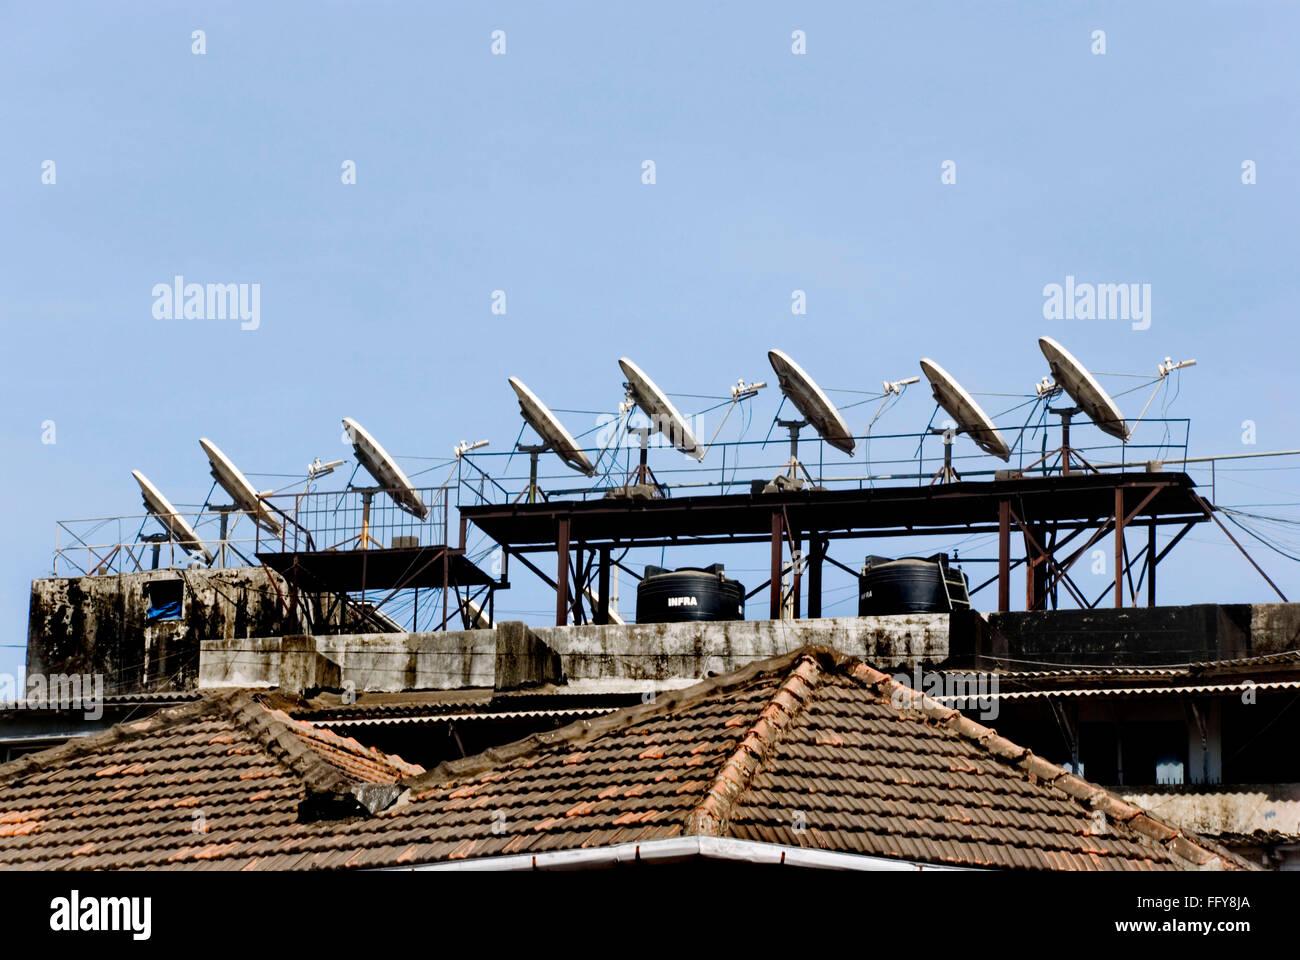 Parabolantennen auf dem Dach für Satelliten-TV bilden Muster mit Licht und Schatten Stockbild